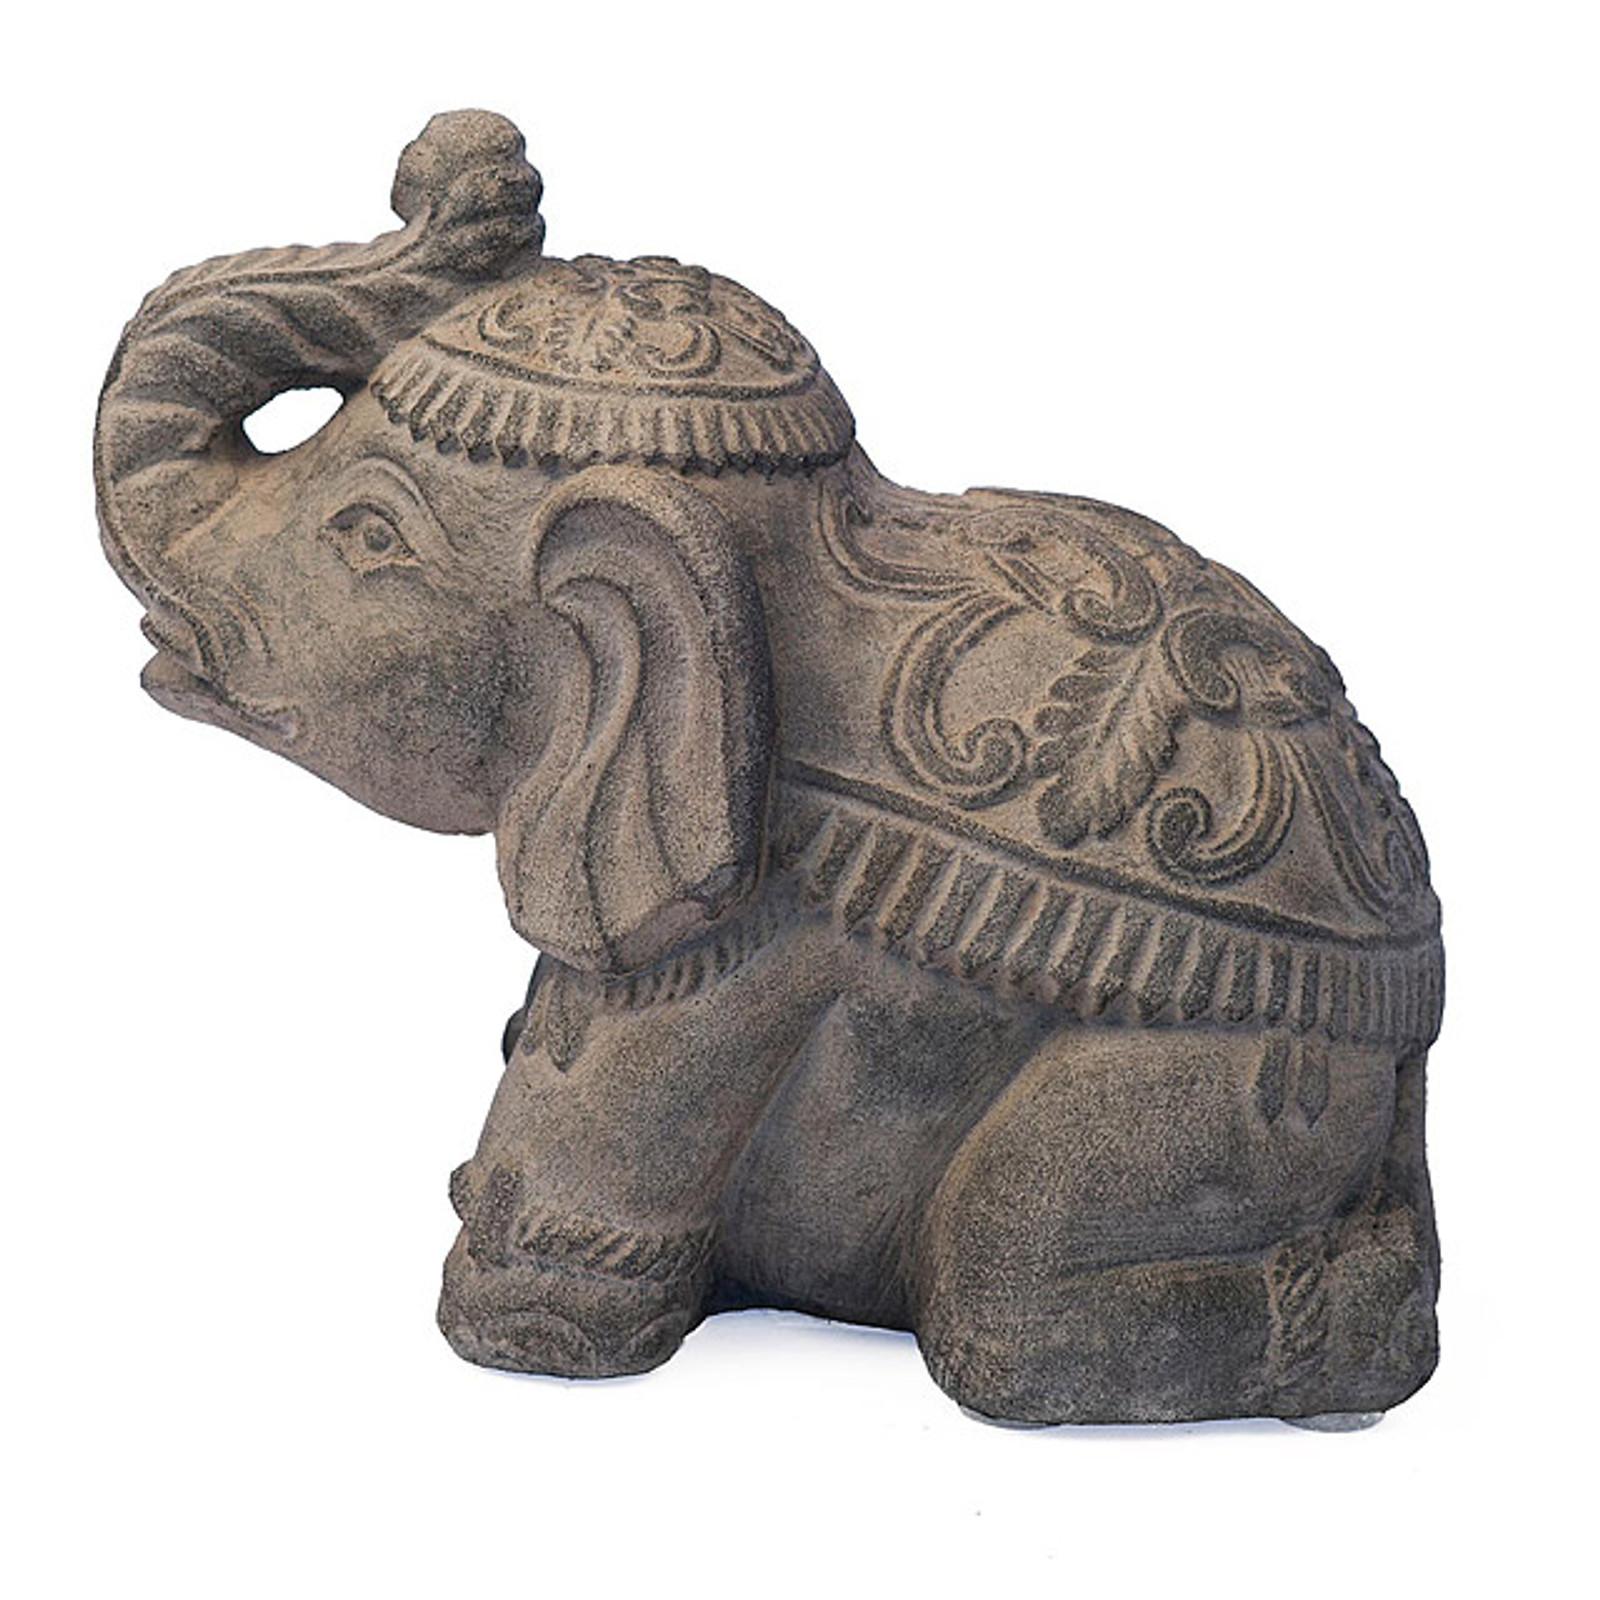 Elephant Garden Sculpture